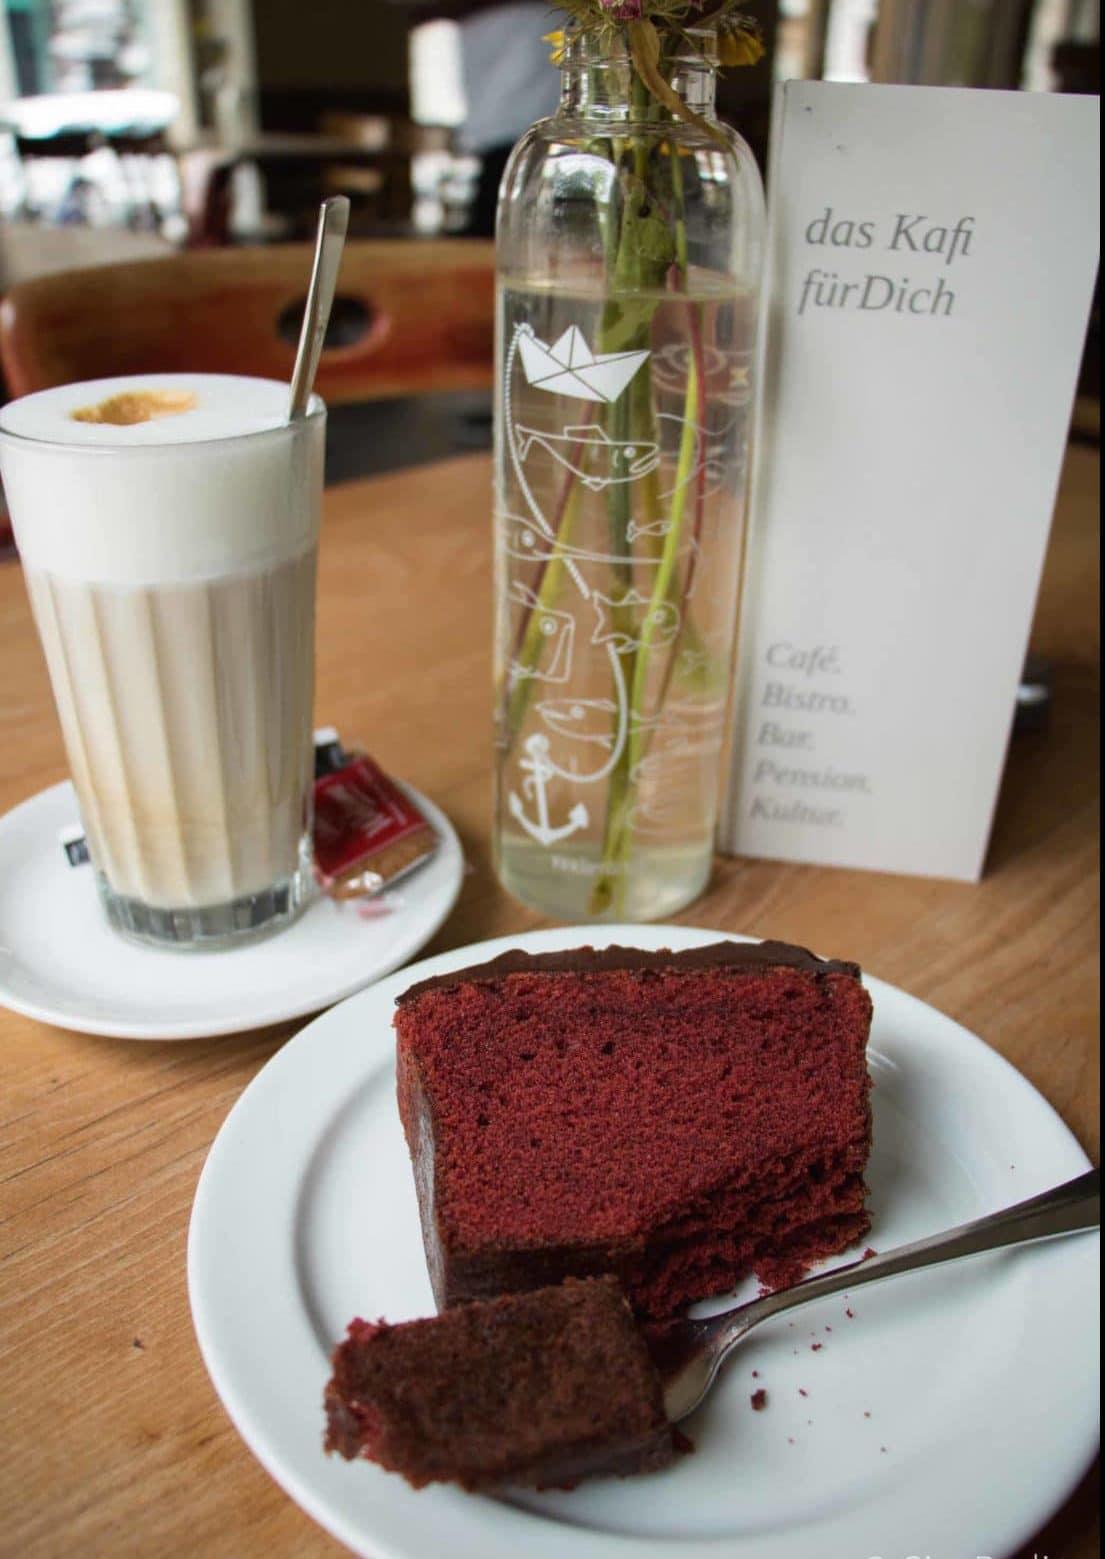 Best of Städtetrip Zürich - Sehenswürdigkeiten & Restaurants, Kafi für dich